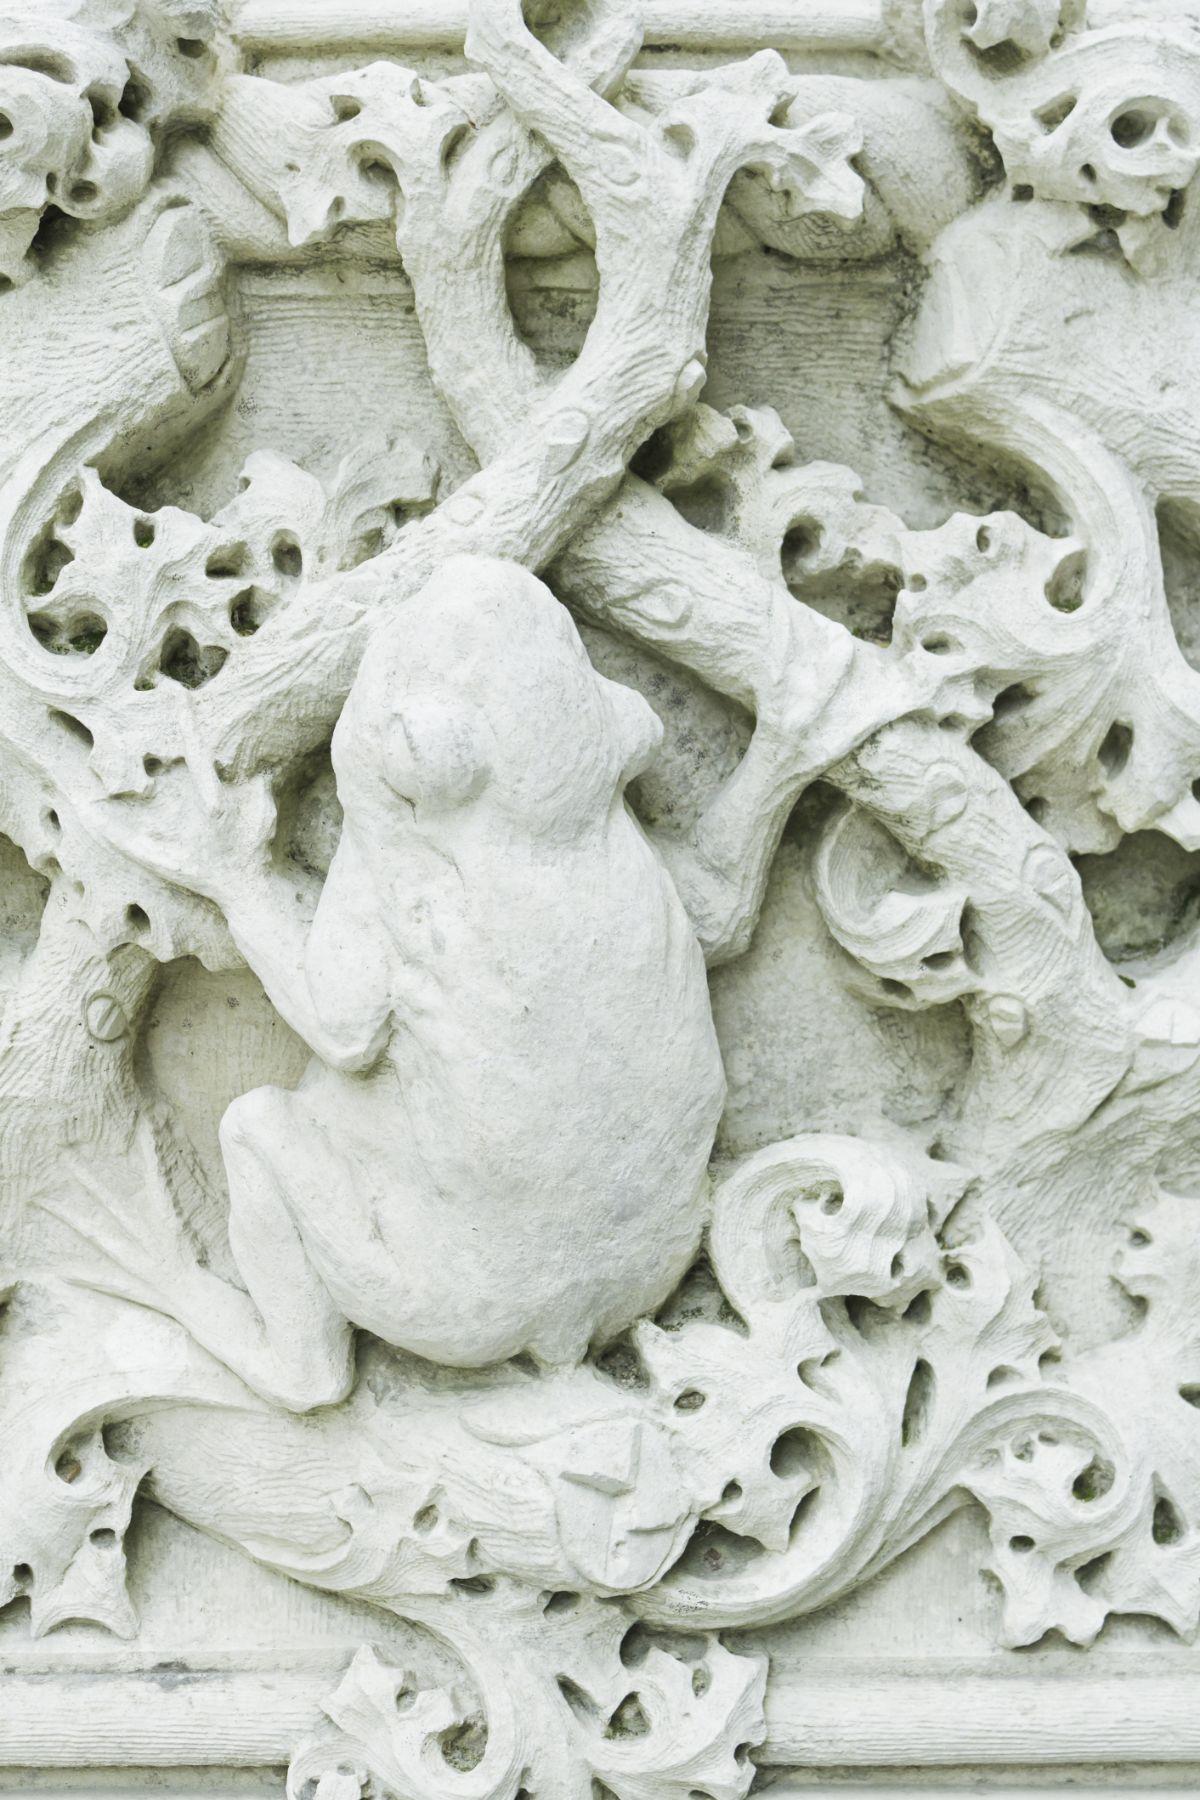 White Stone Frog